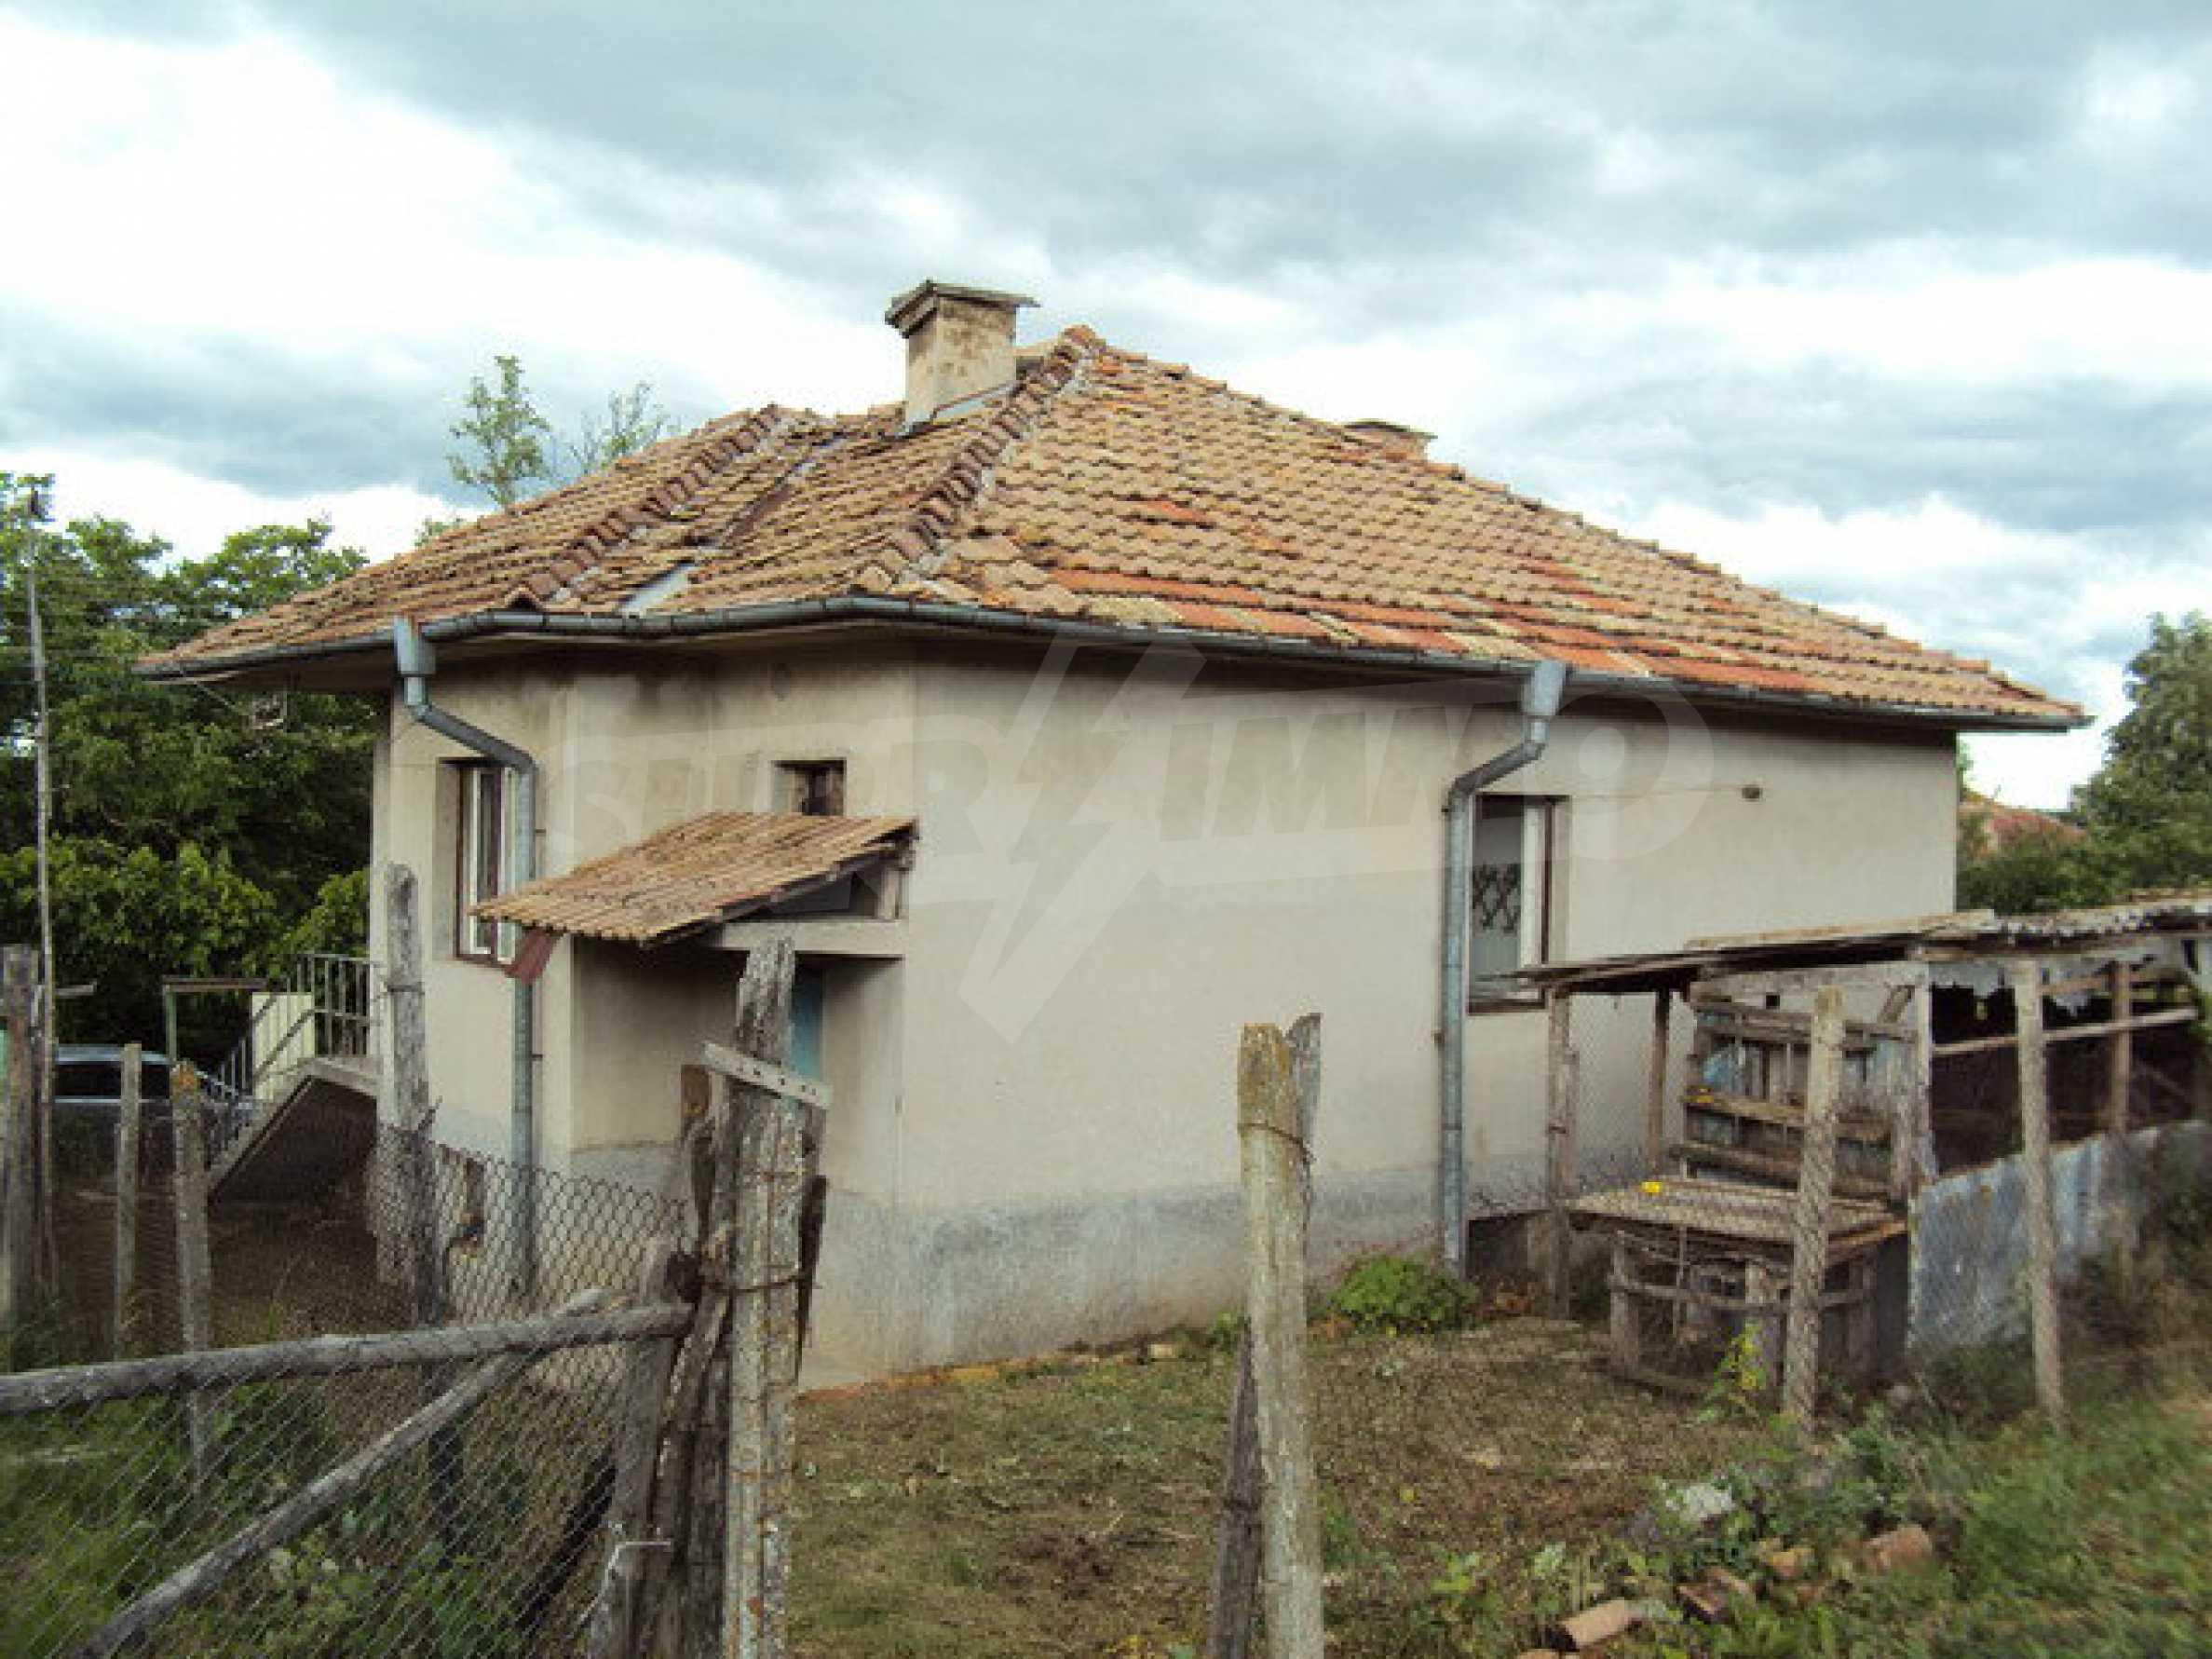 Zweistöckiges Landhaus mit Garten 50 km. von der alten Hauptstadt Veliko Tarnovo 1